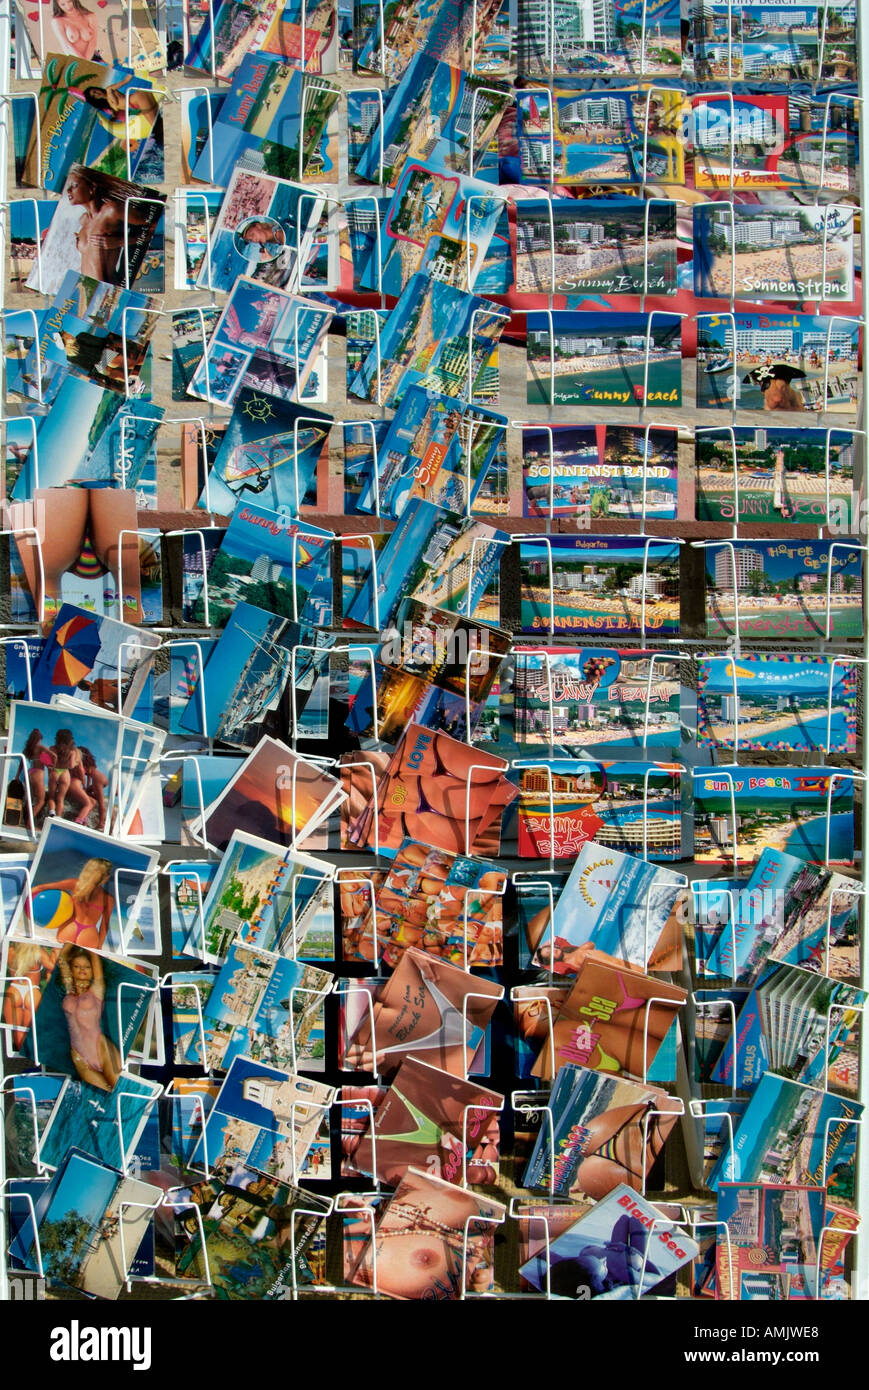 Carte postale souvenir shop Bulgarie République Populaire Narodna Republika Bulgariya la péninsule des Balkans au sud-est de l'Europe Photo Stock